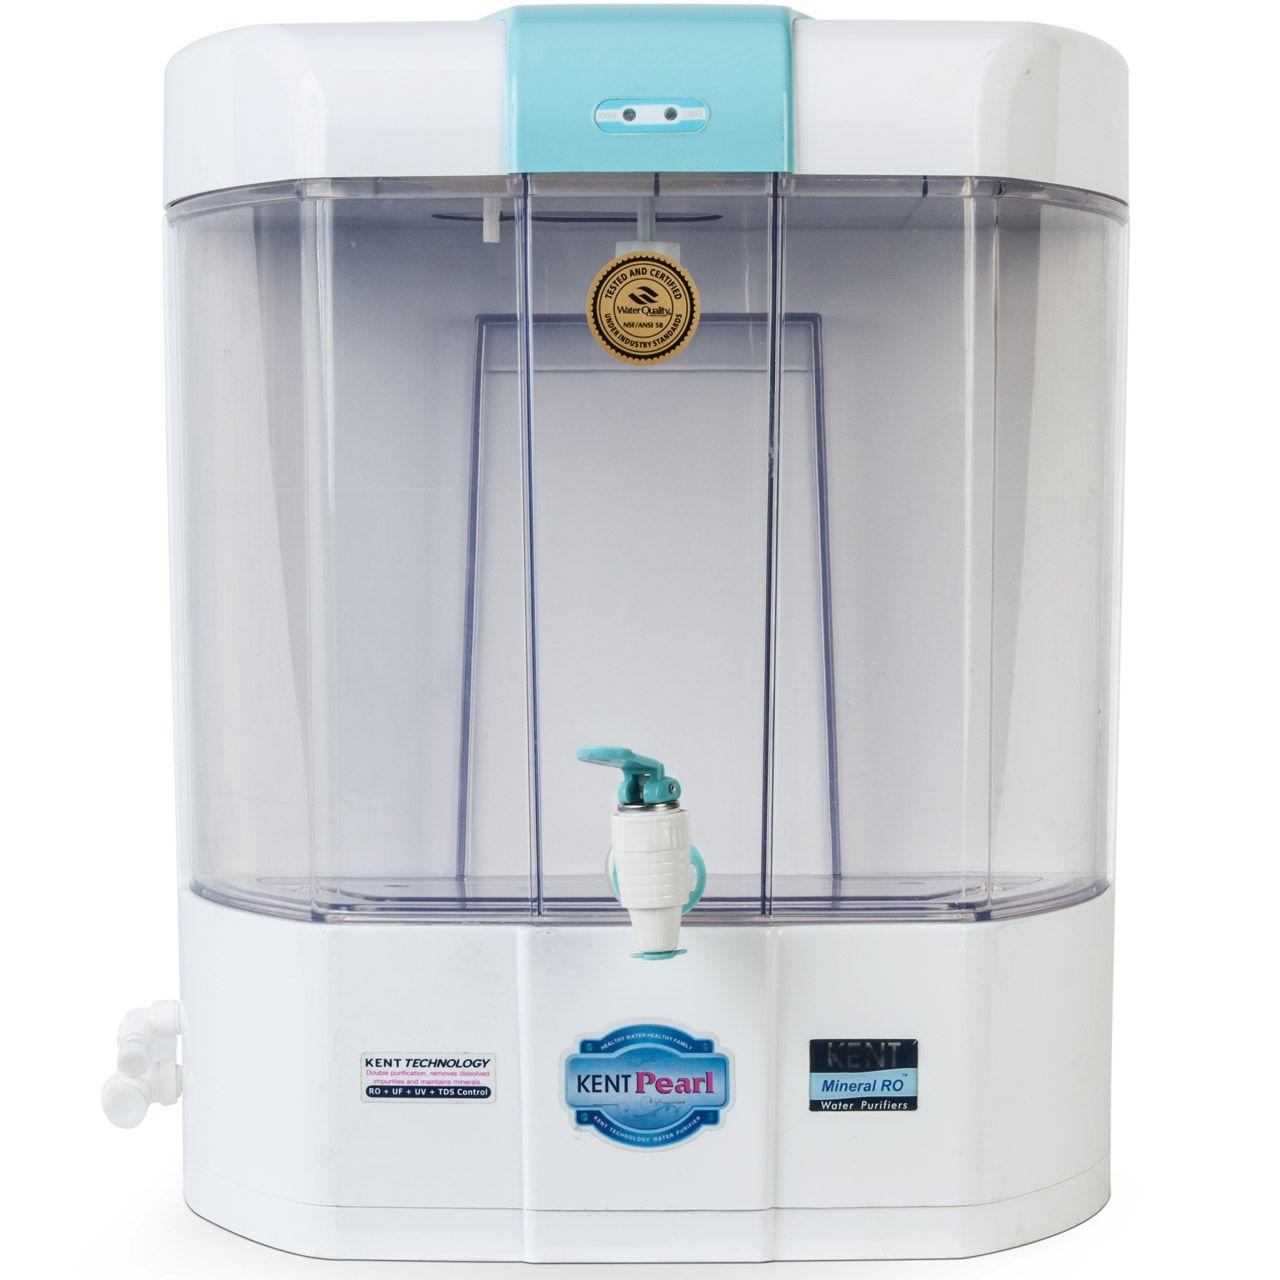 دستگاه تصفیه آب رومیزی-دیواری کنت مدل pearl